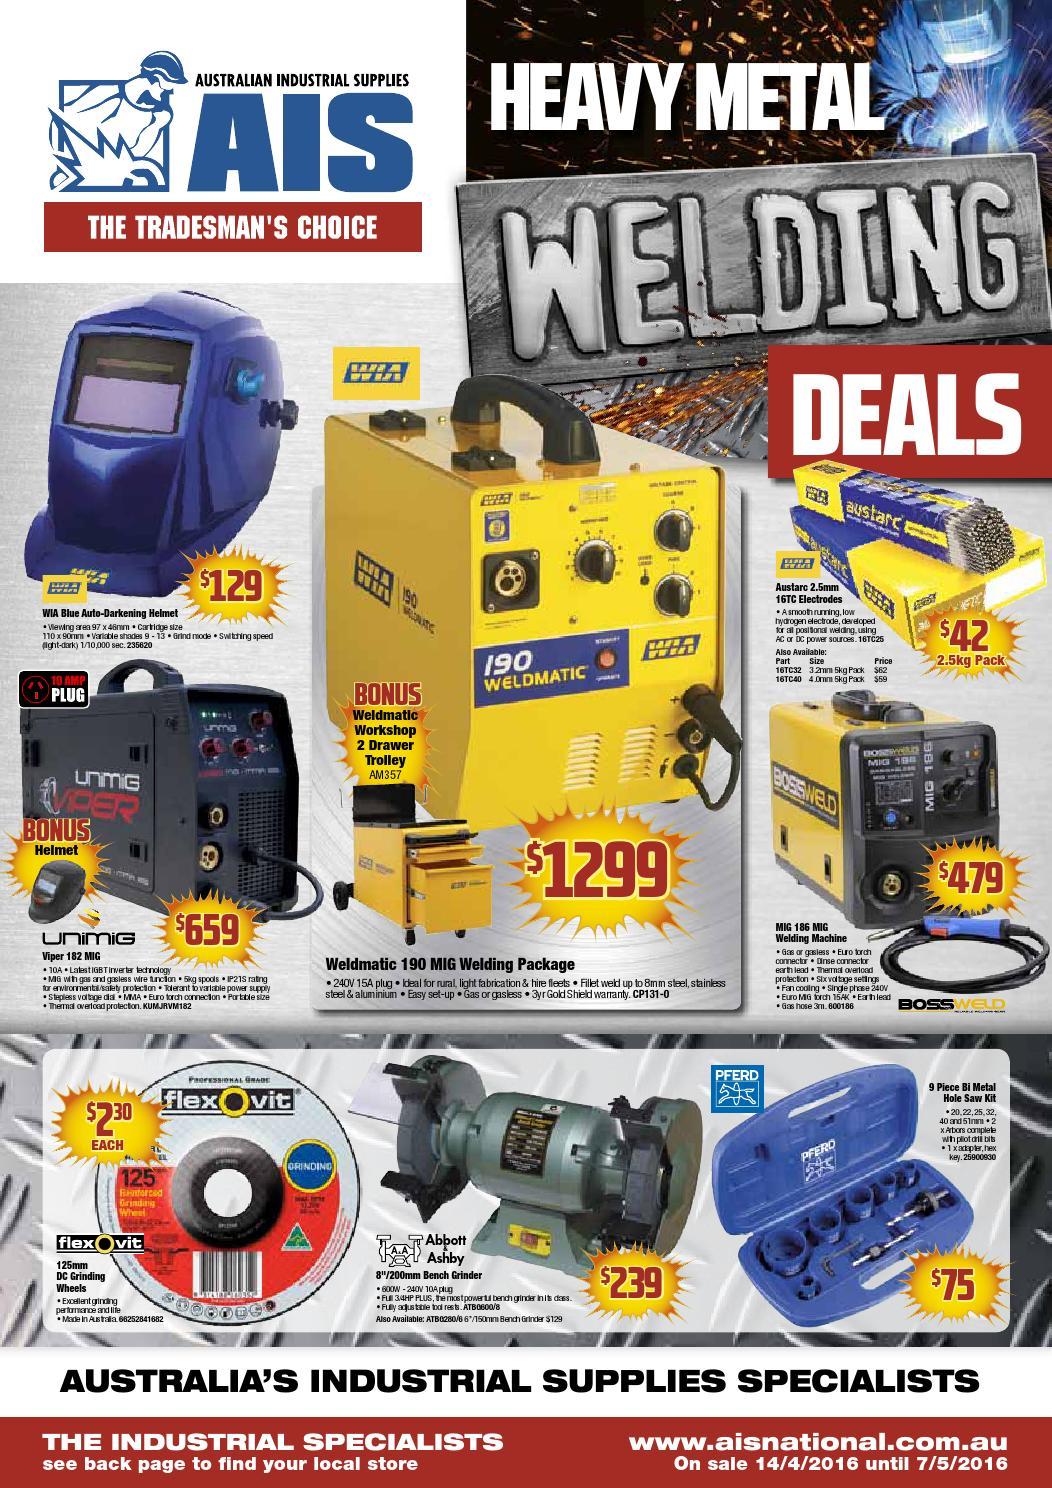 Australian Industrial Supplies Heavy Metal Welding Deals